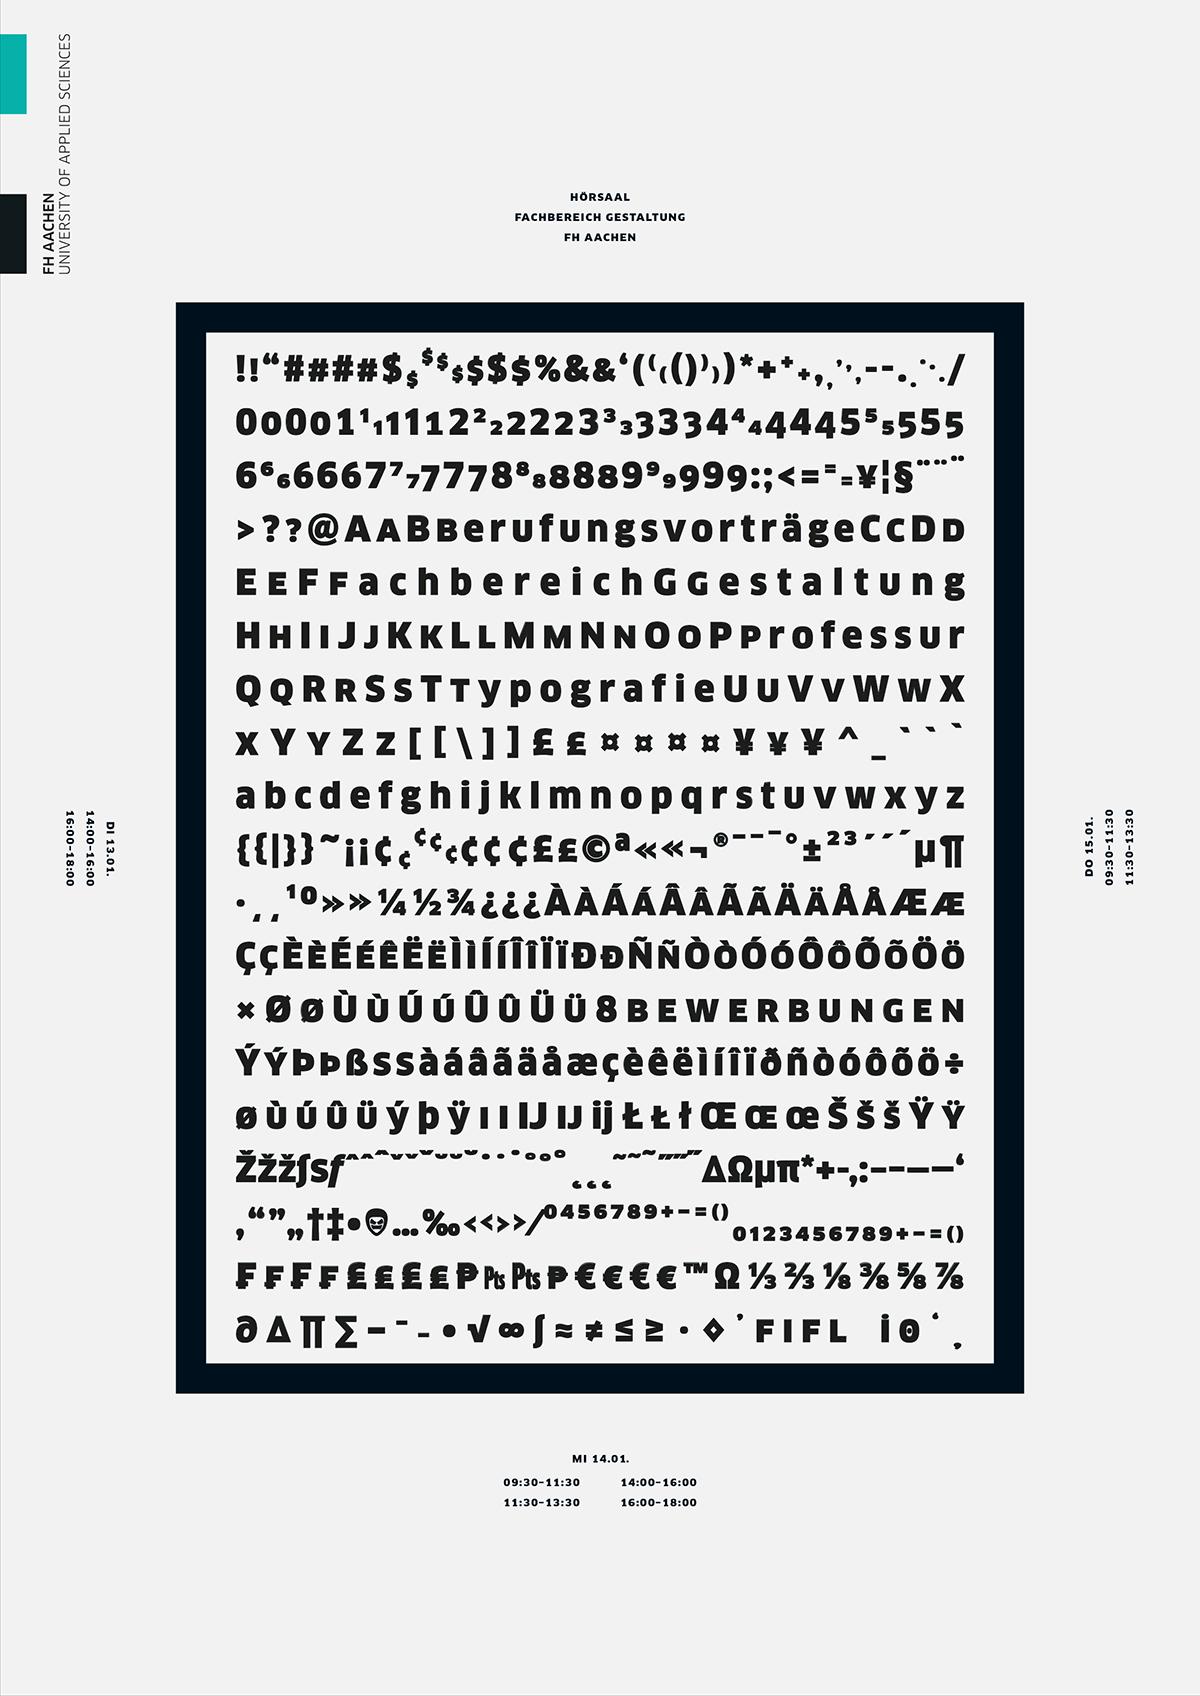 Typografie_Berufungsvorträge